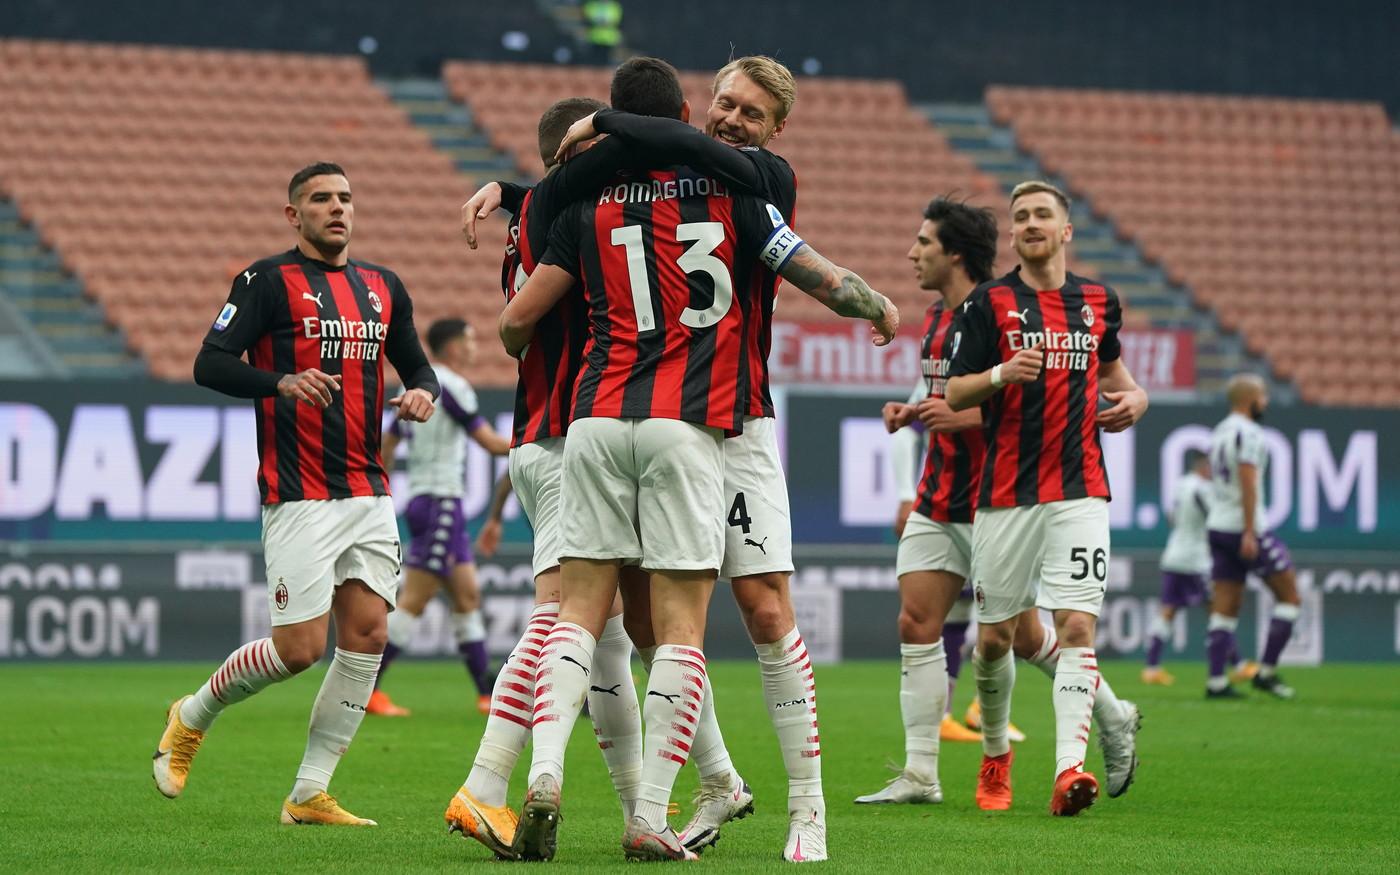 Il Milan non si ferma più: Romagnoli e Kessie risolvono la pratica viola |  News - Sportmediaset